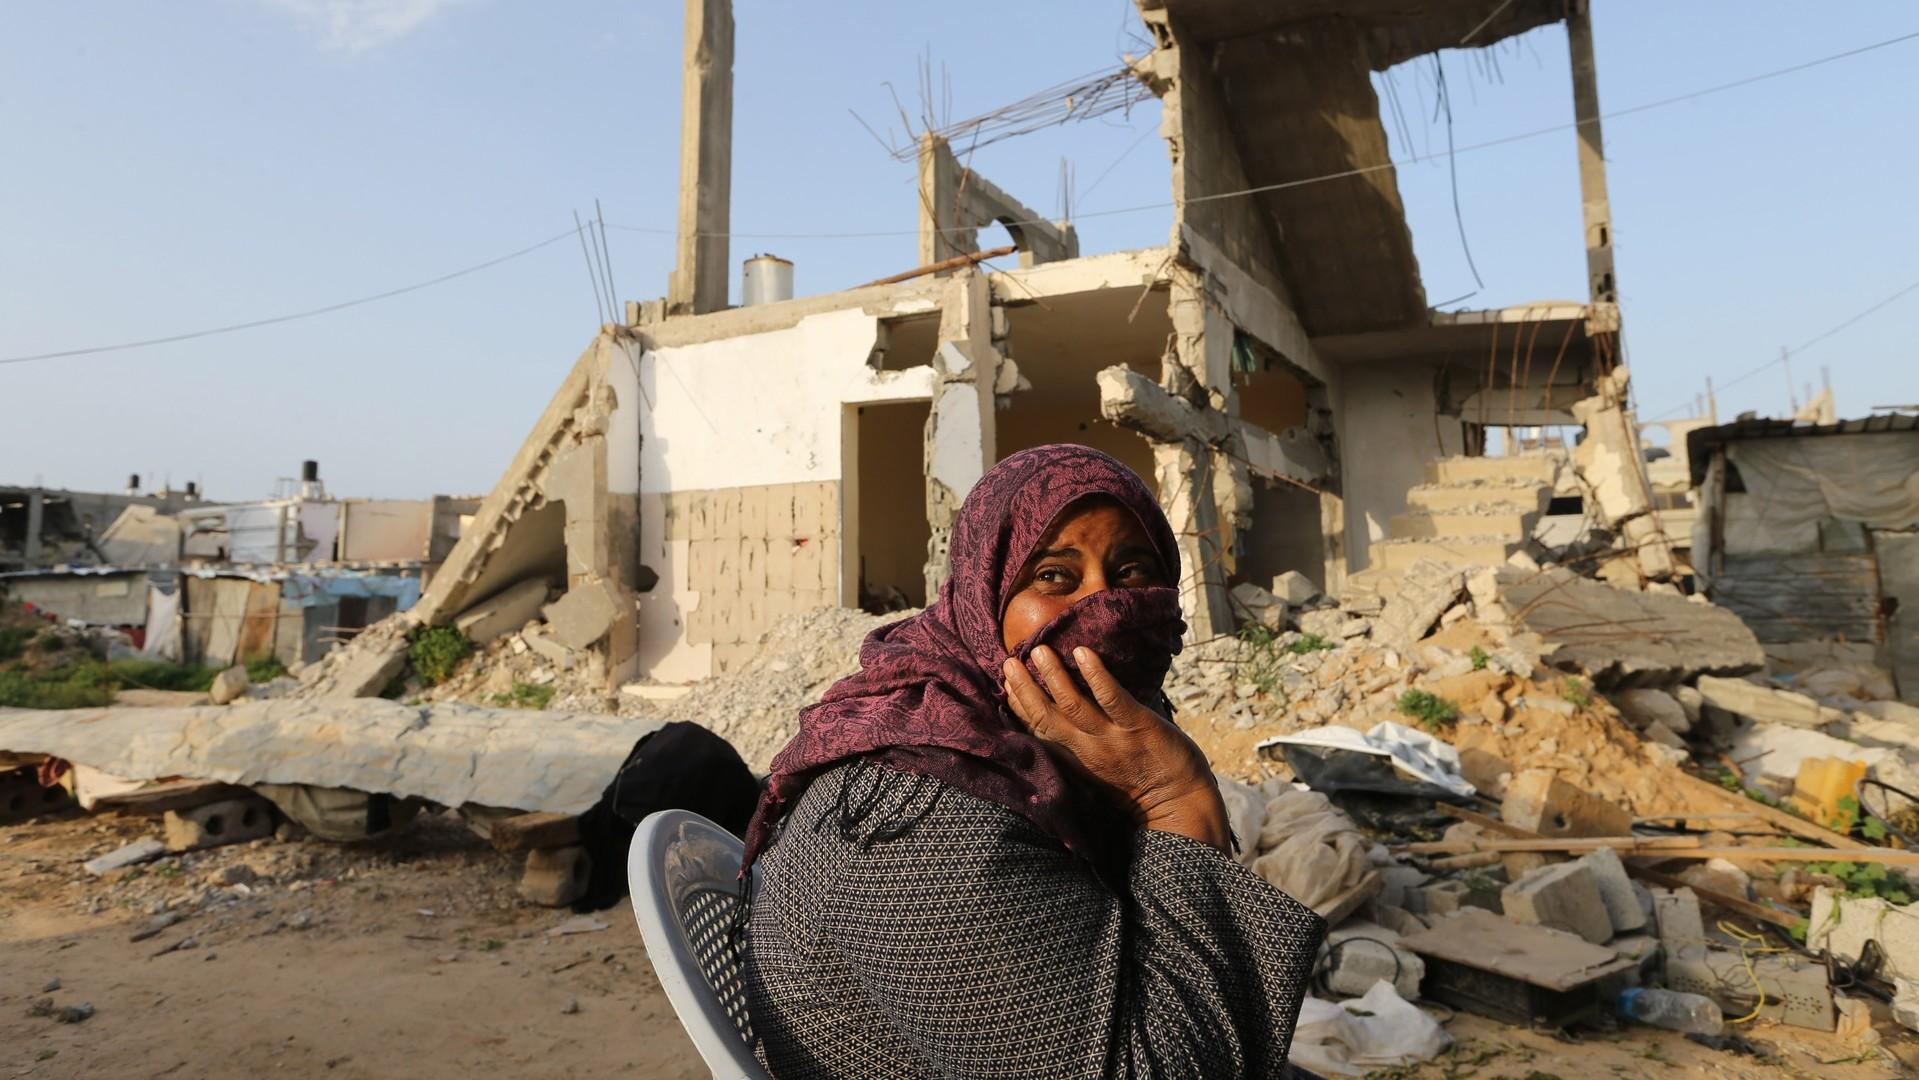 ONG : Les soldats israéliens «ont tiré délibérément» sur les civils lors de la guerre de Gaza